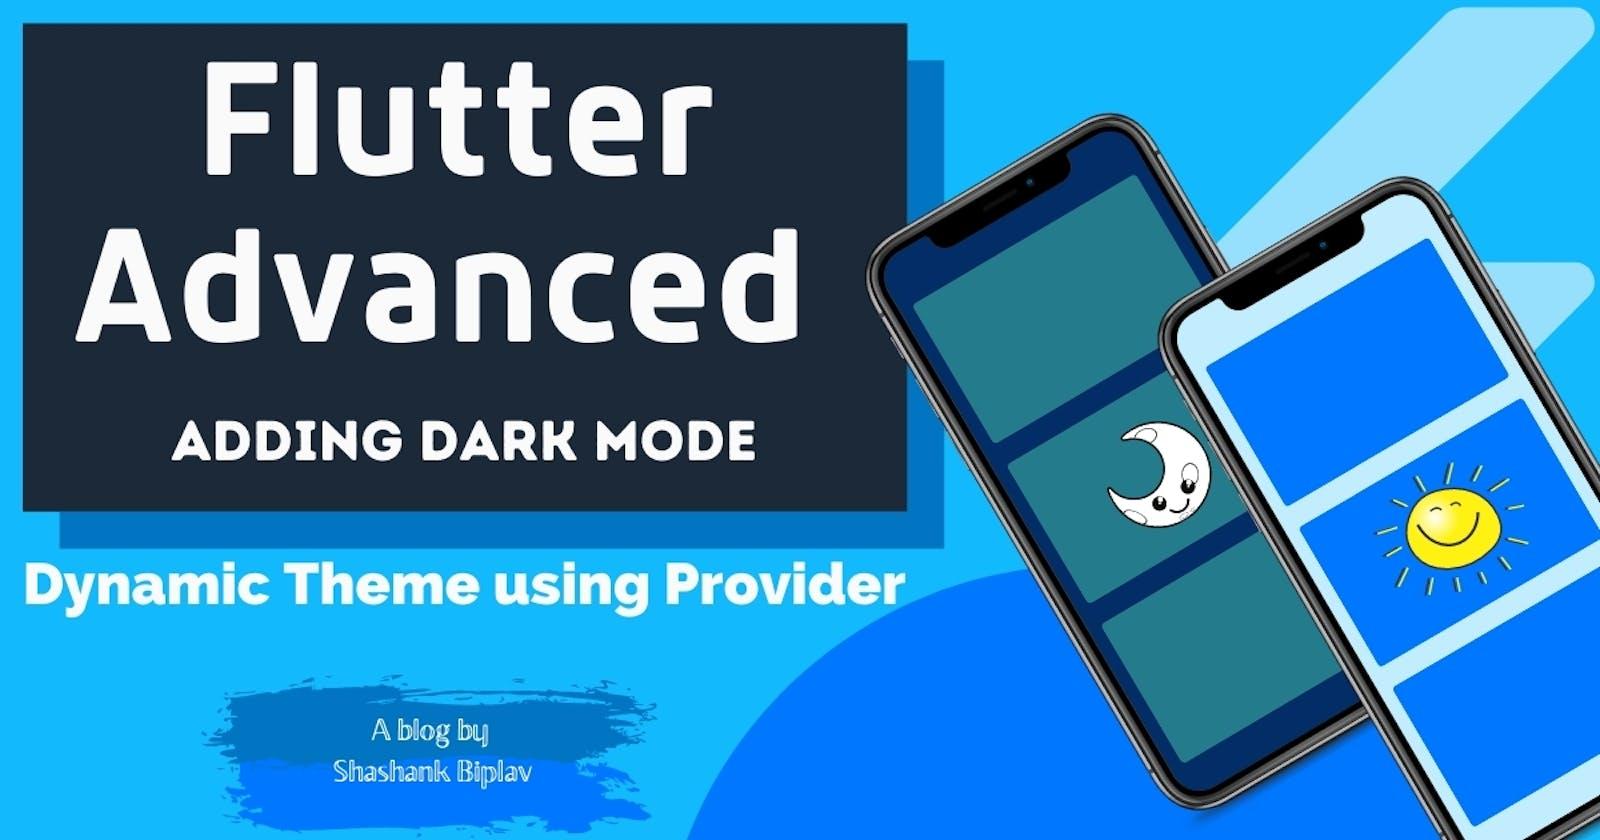 Flutter Advanced - Adding Dark Mode | Dynamic Theme using Provider